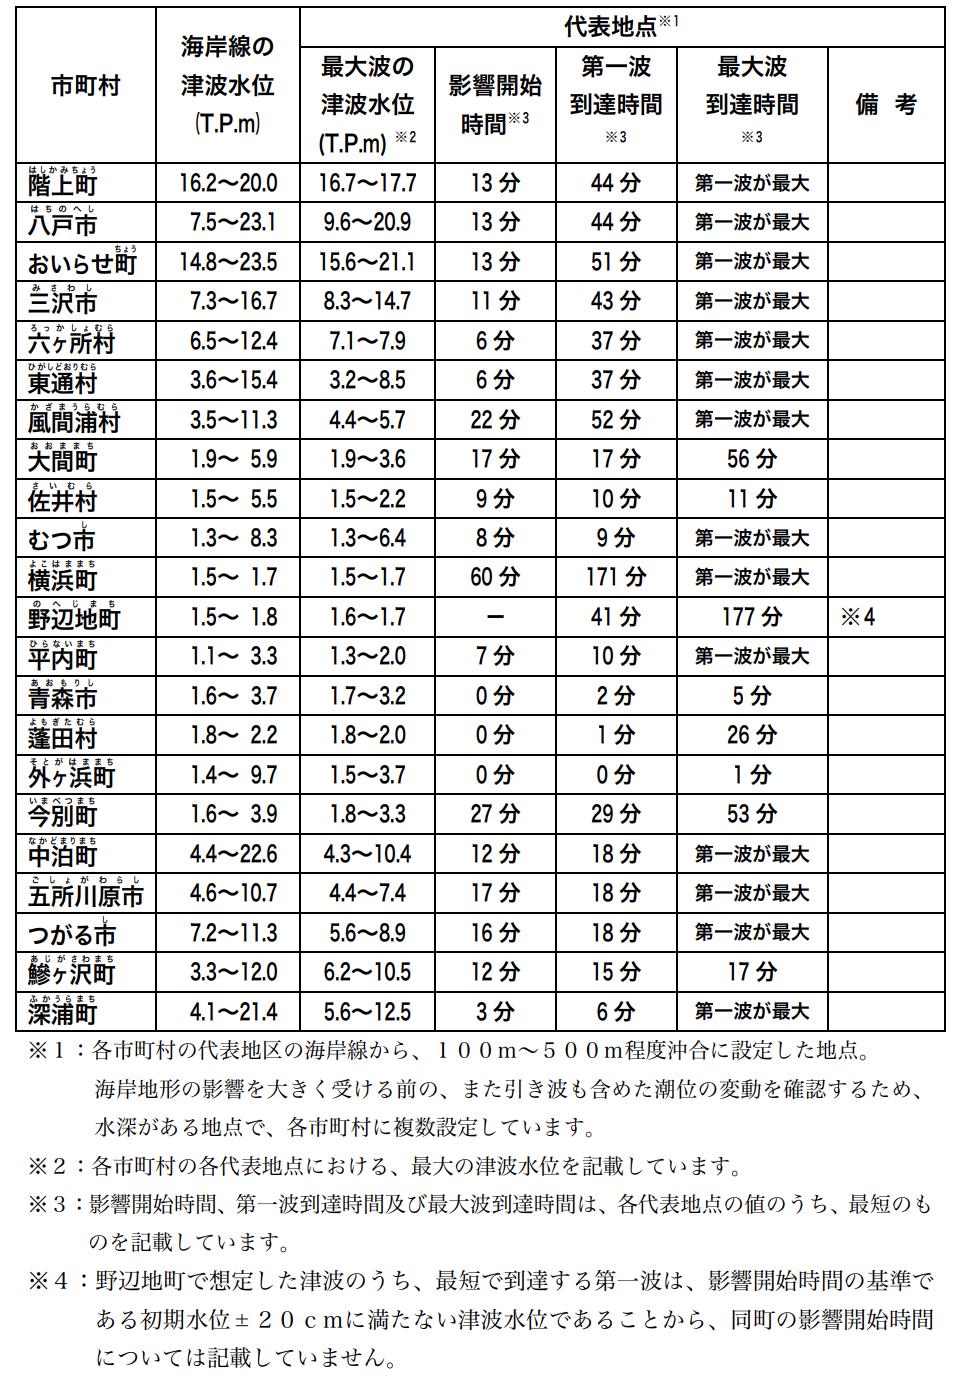 青森県で予想される津波の高さ